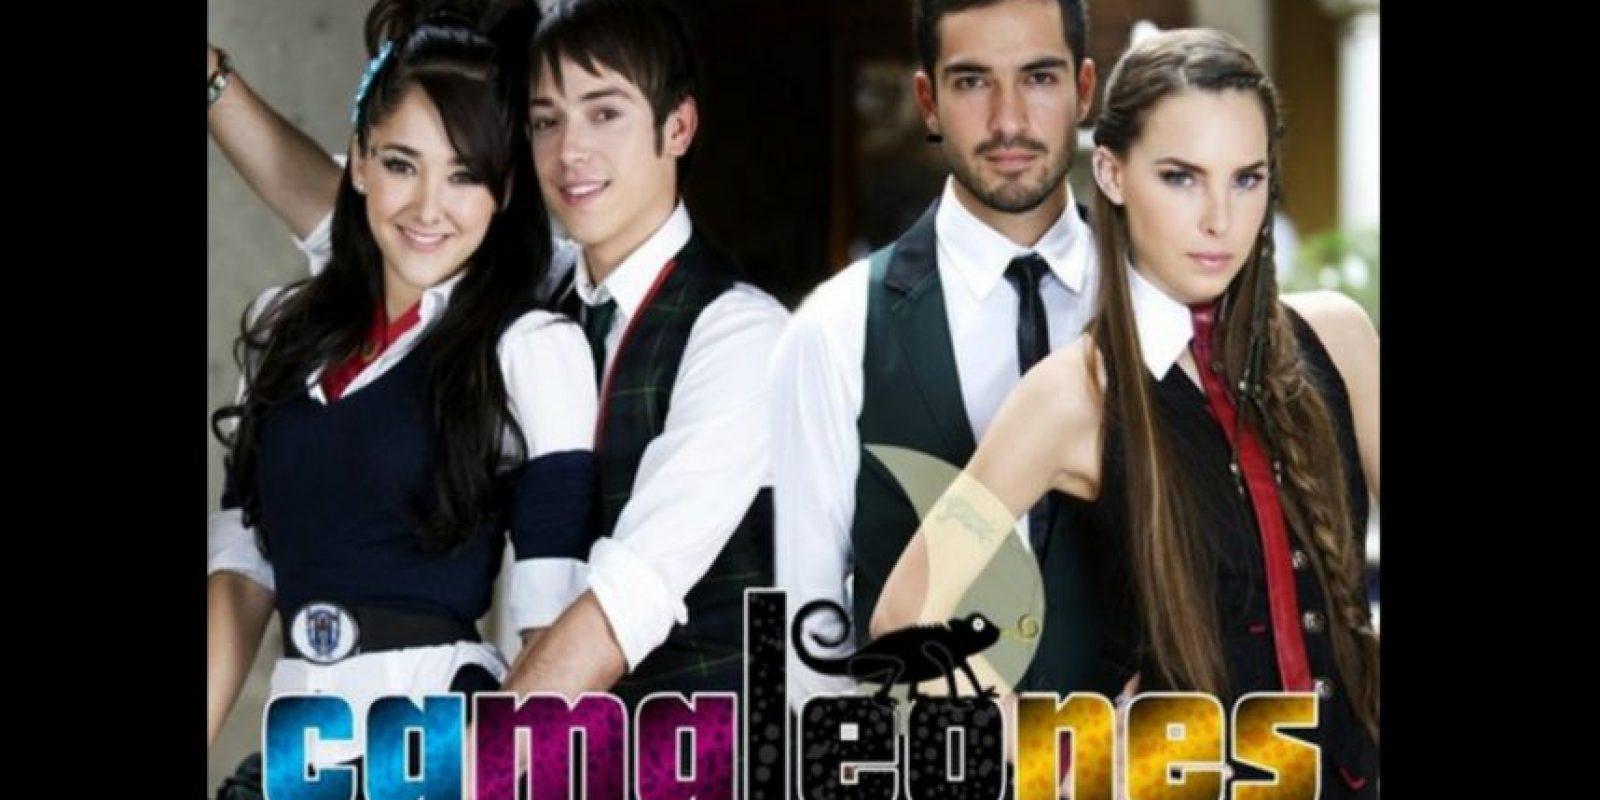 """Cuando ella comenzó a actuar en la telenovela """"Camaleones"""", Giovani la acompañaba de vez en cuando al foro de la novela. Foto:Televisa"""